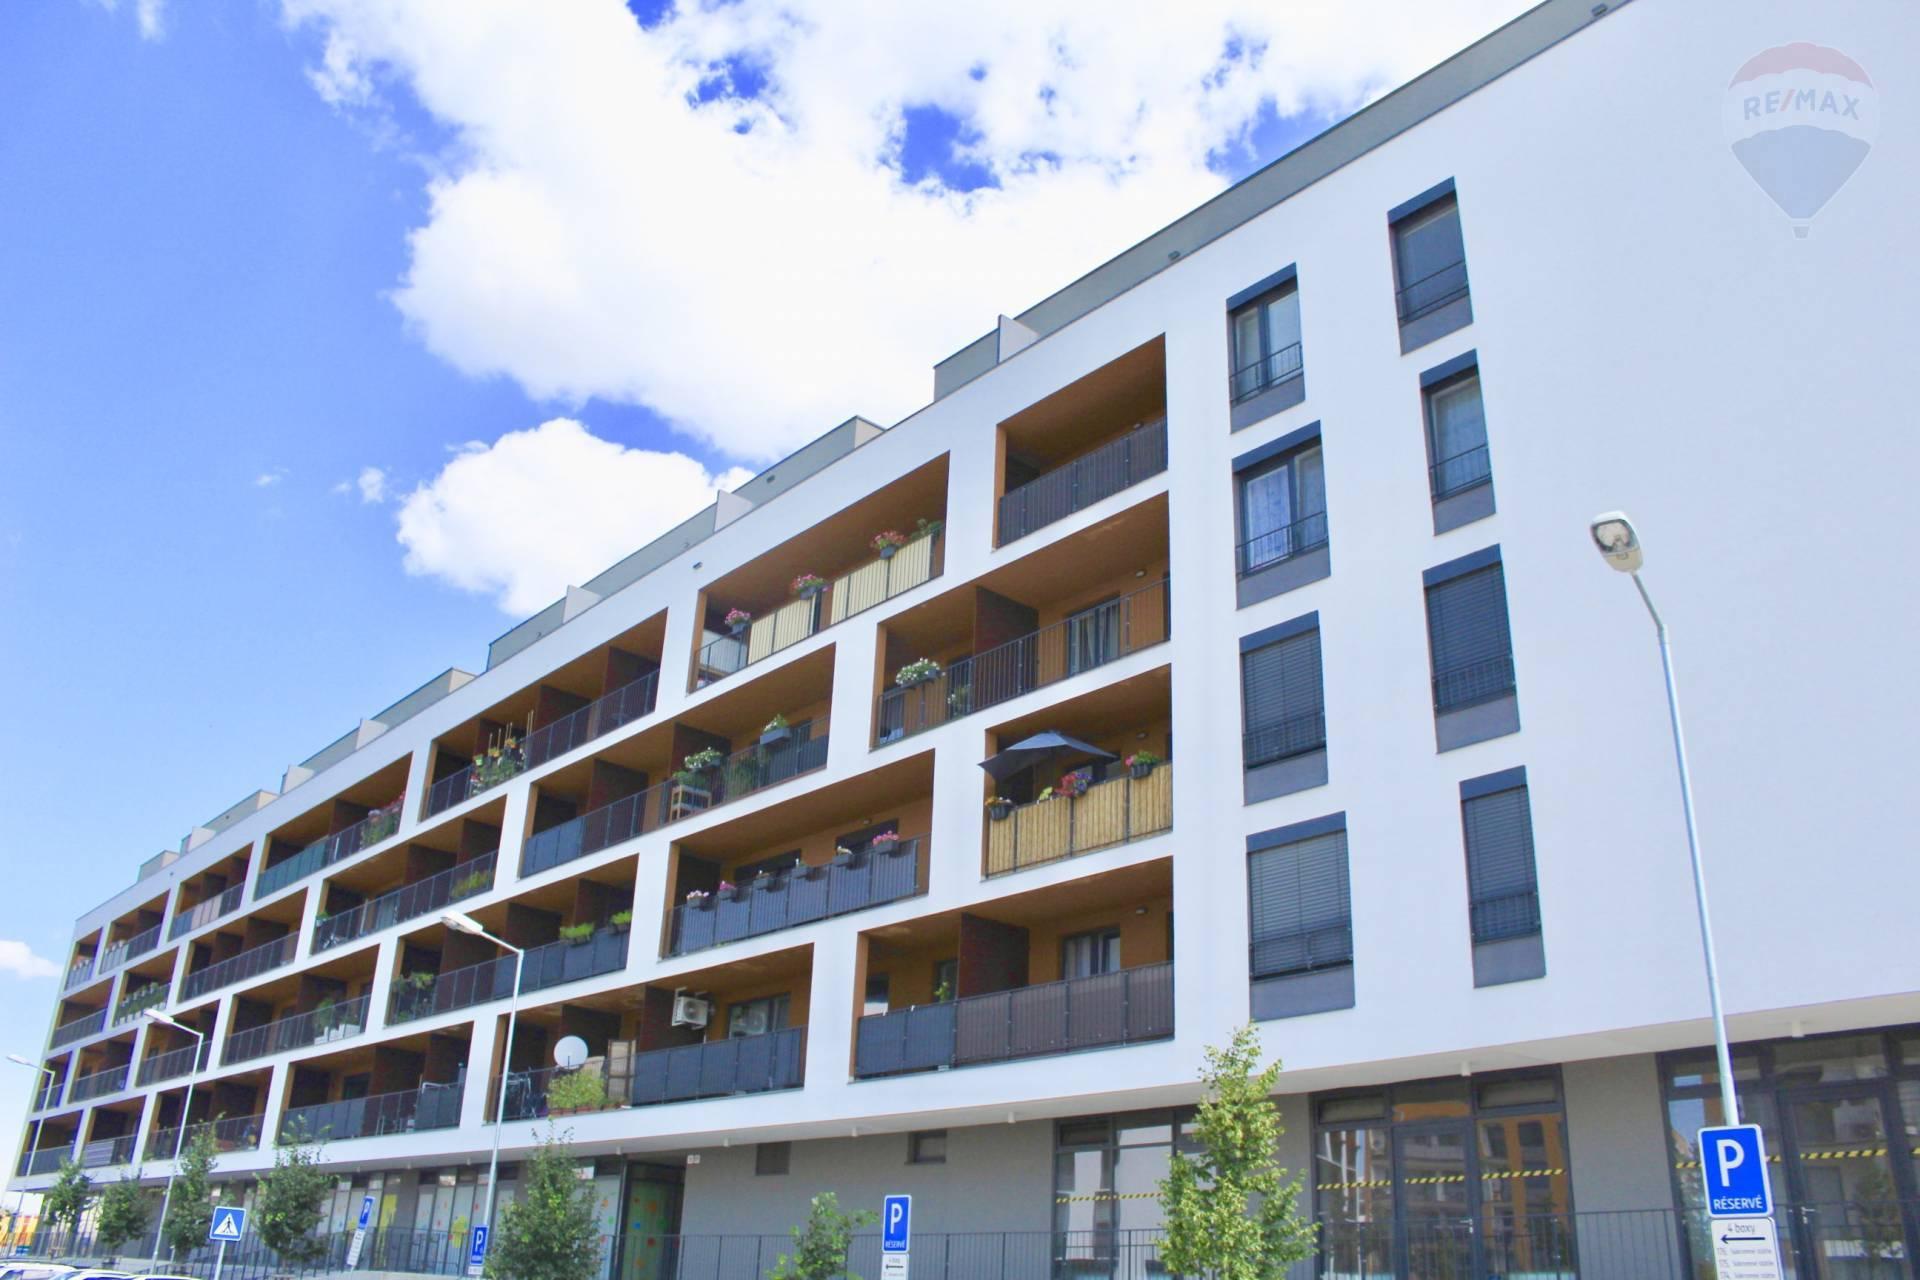 Predaj bytu (1 izbový) 40,63 m², s parkovacím státim Bratislava - Petržalka